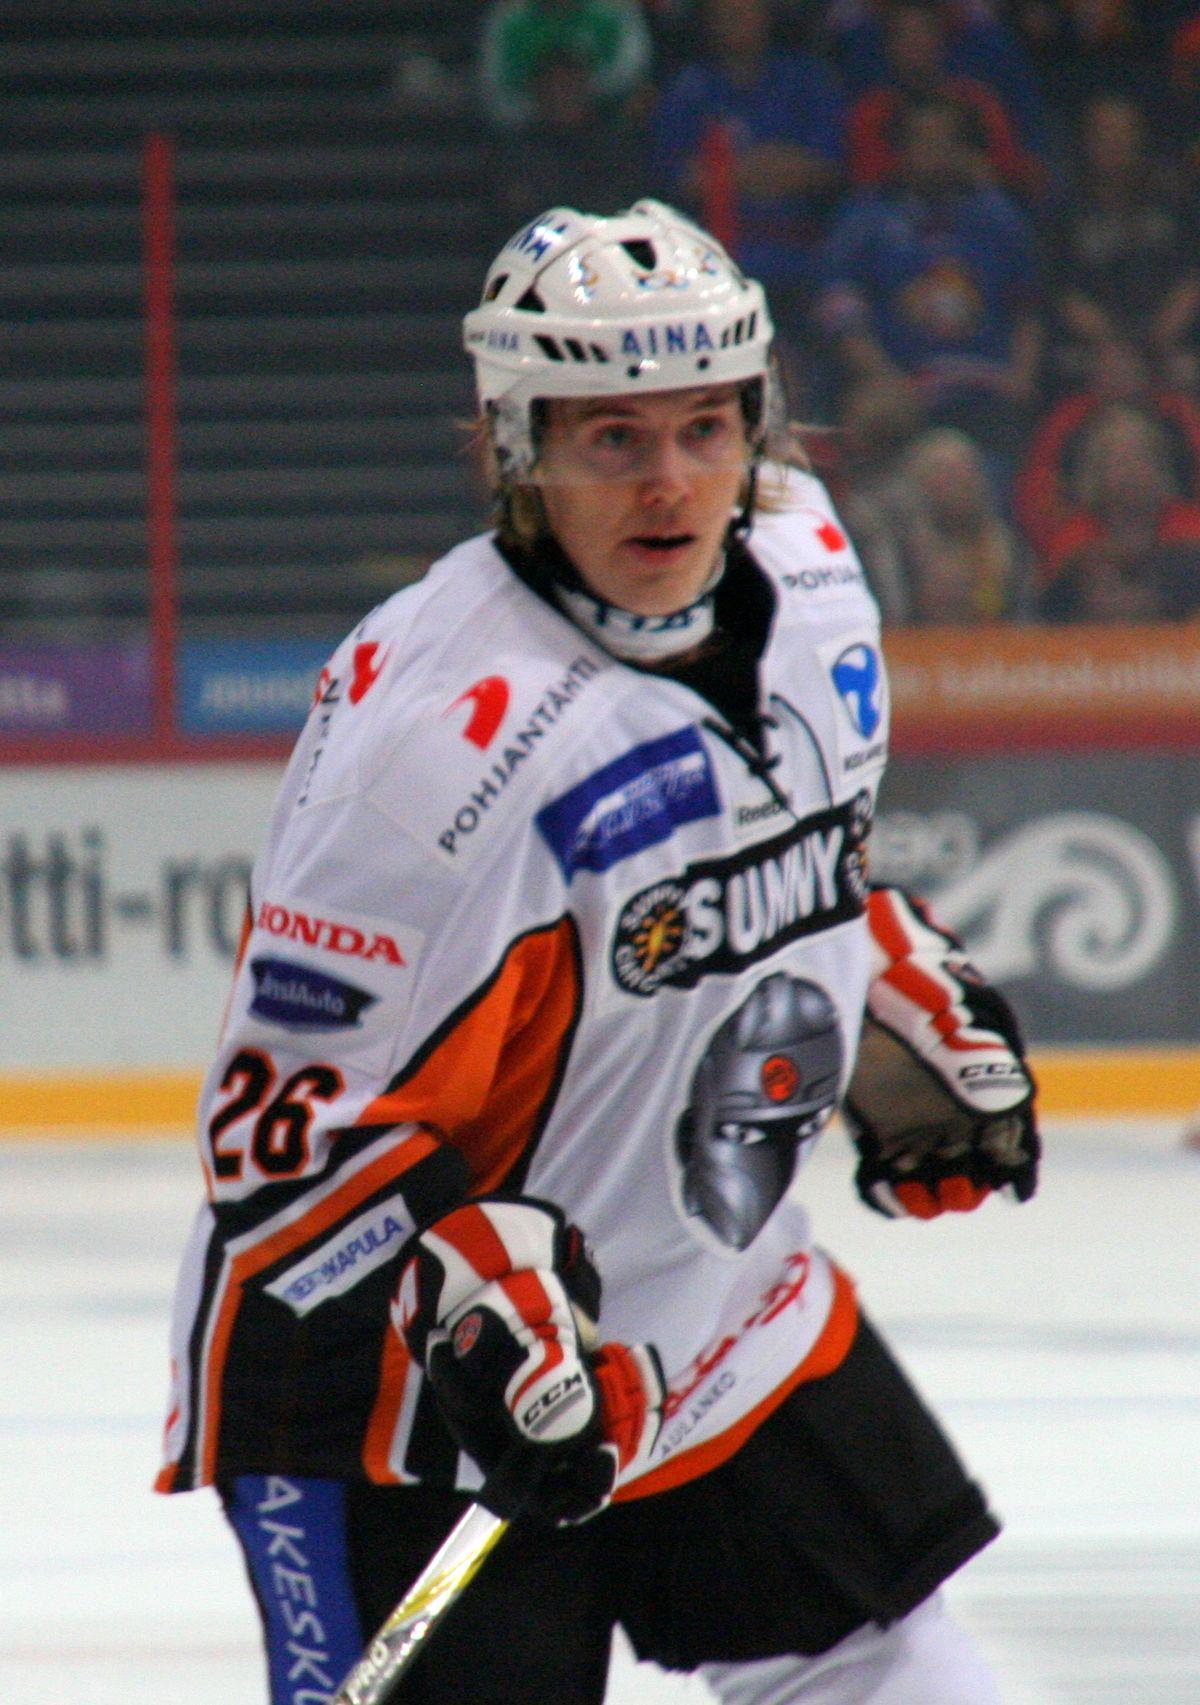 Janne Laakkonen